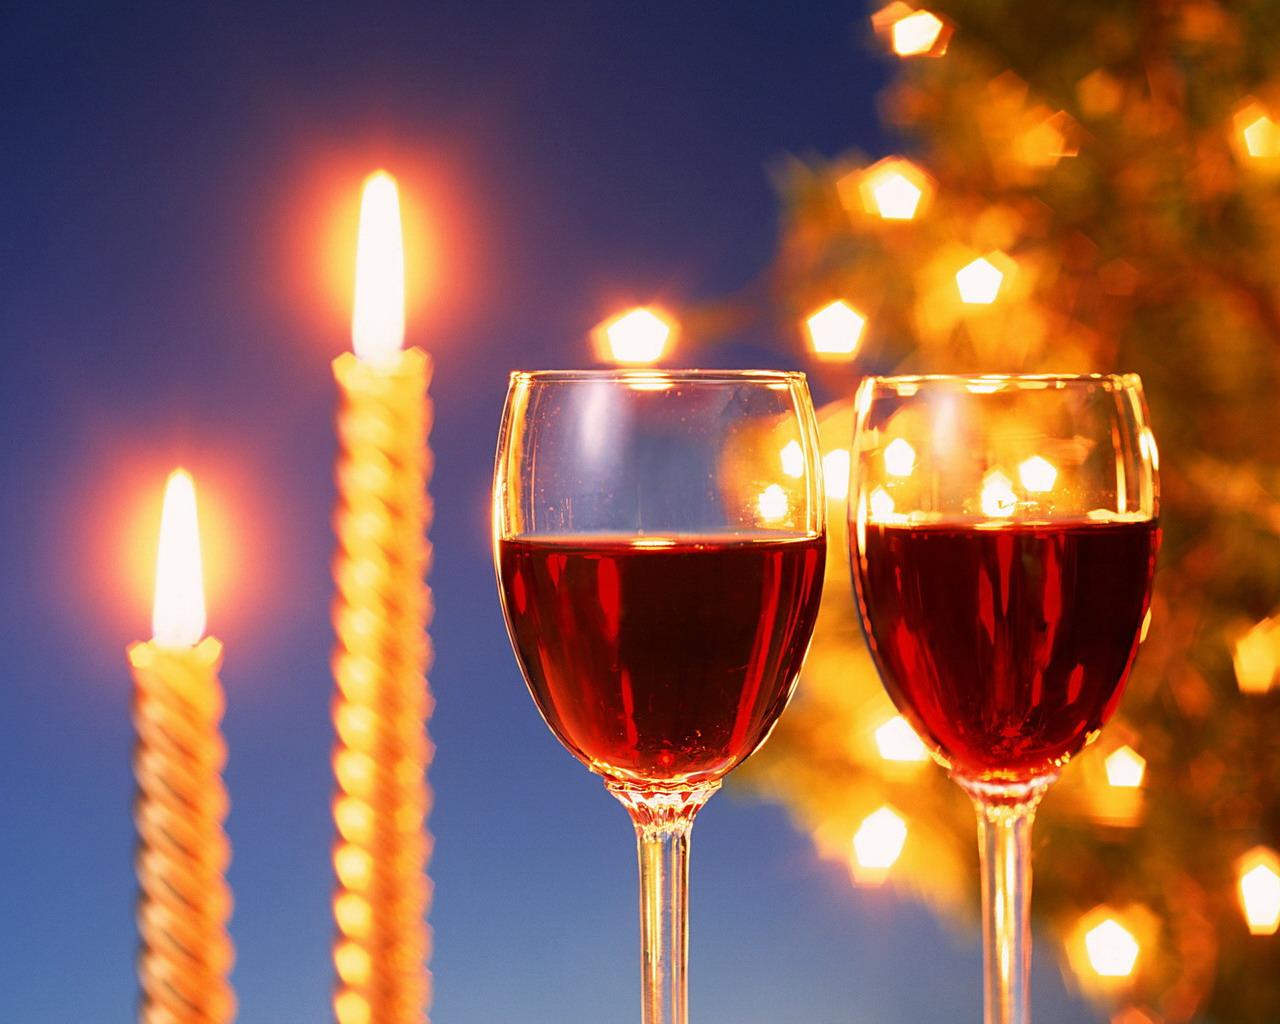 означает новогодние поздравления за столом кастрюлю